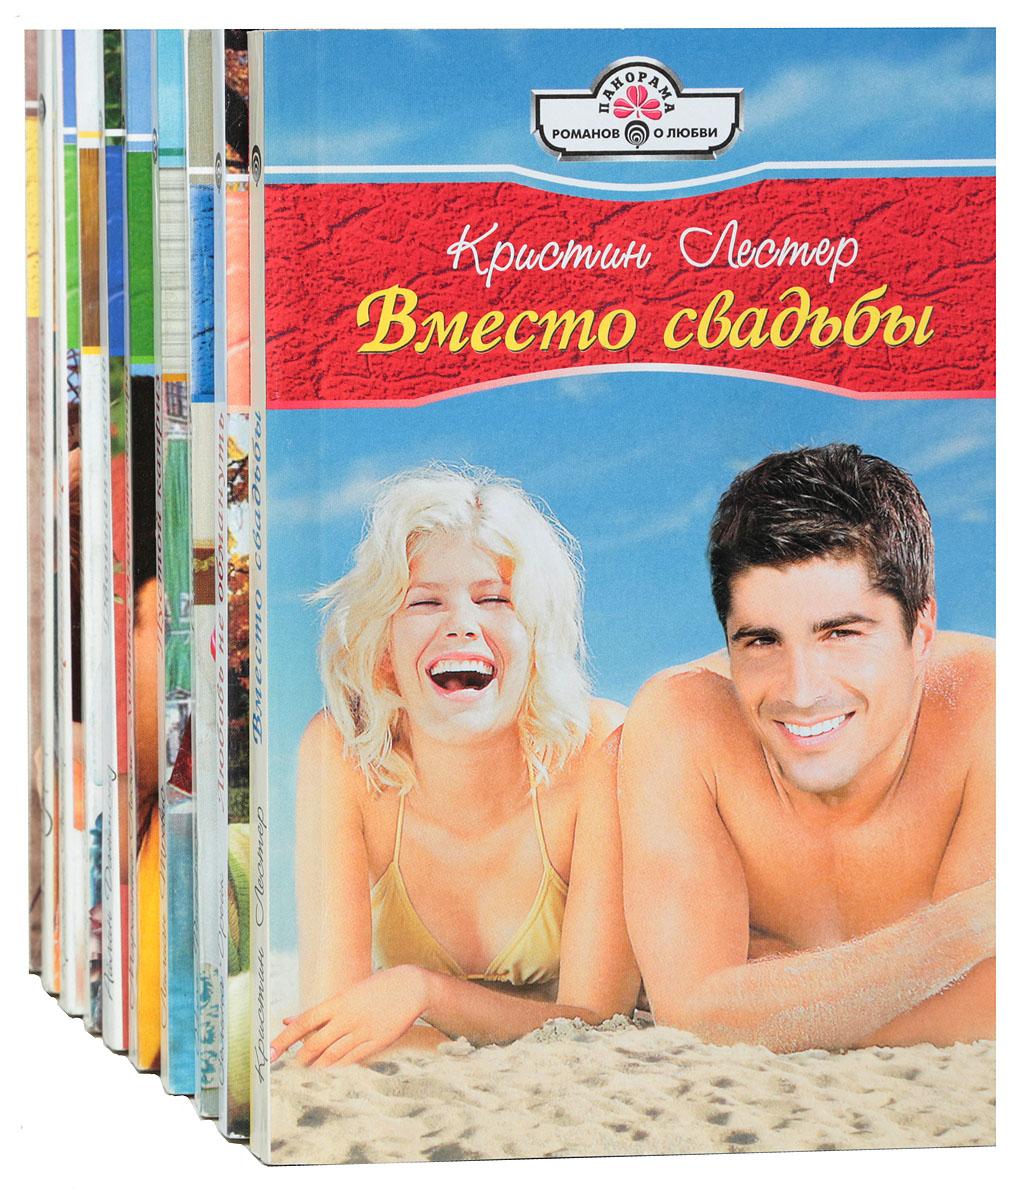 находится картинки книг панорама романов о любви вот любил